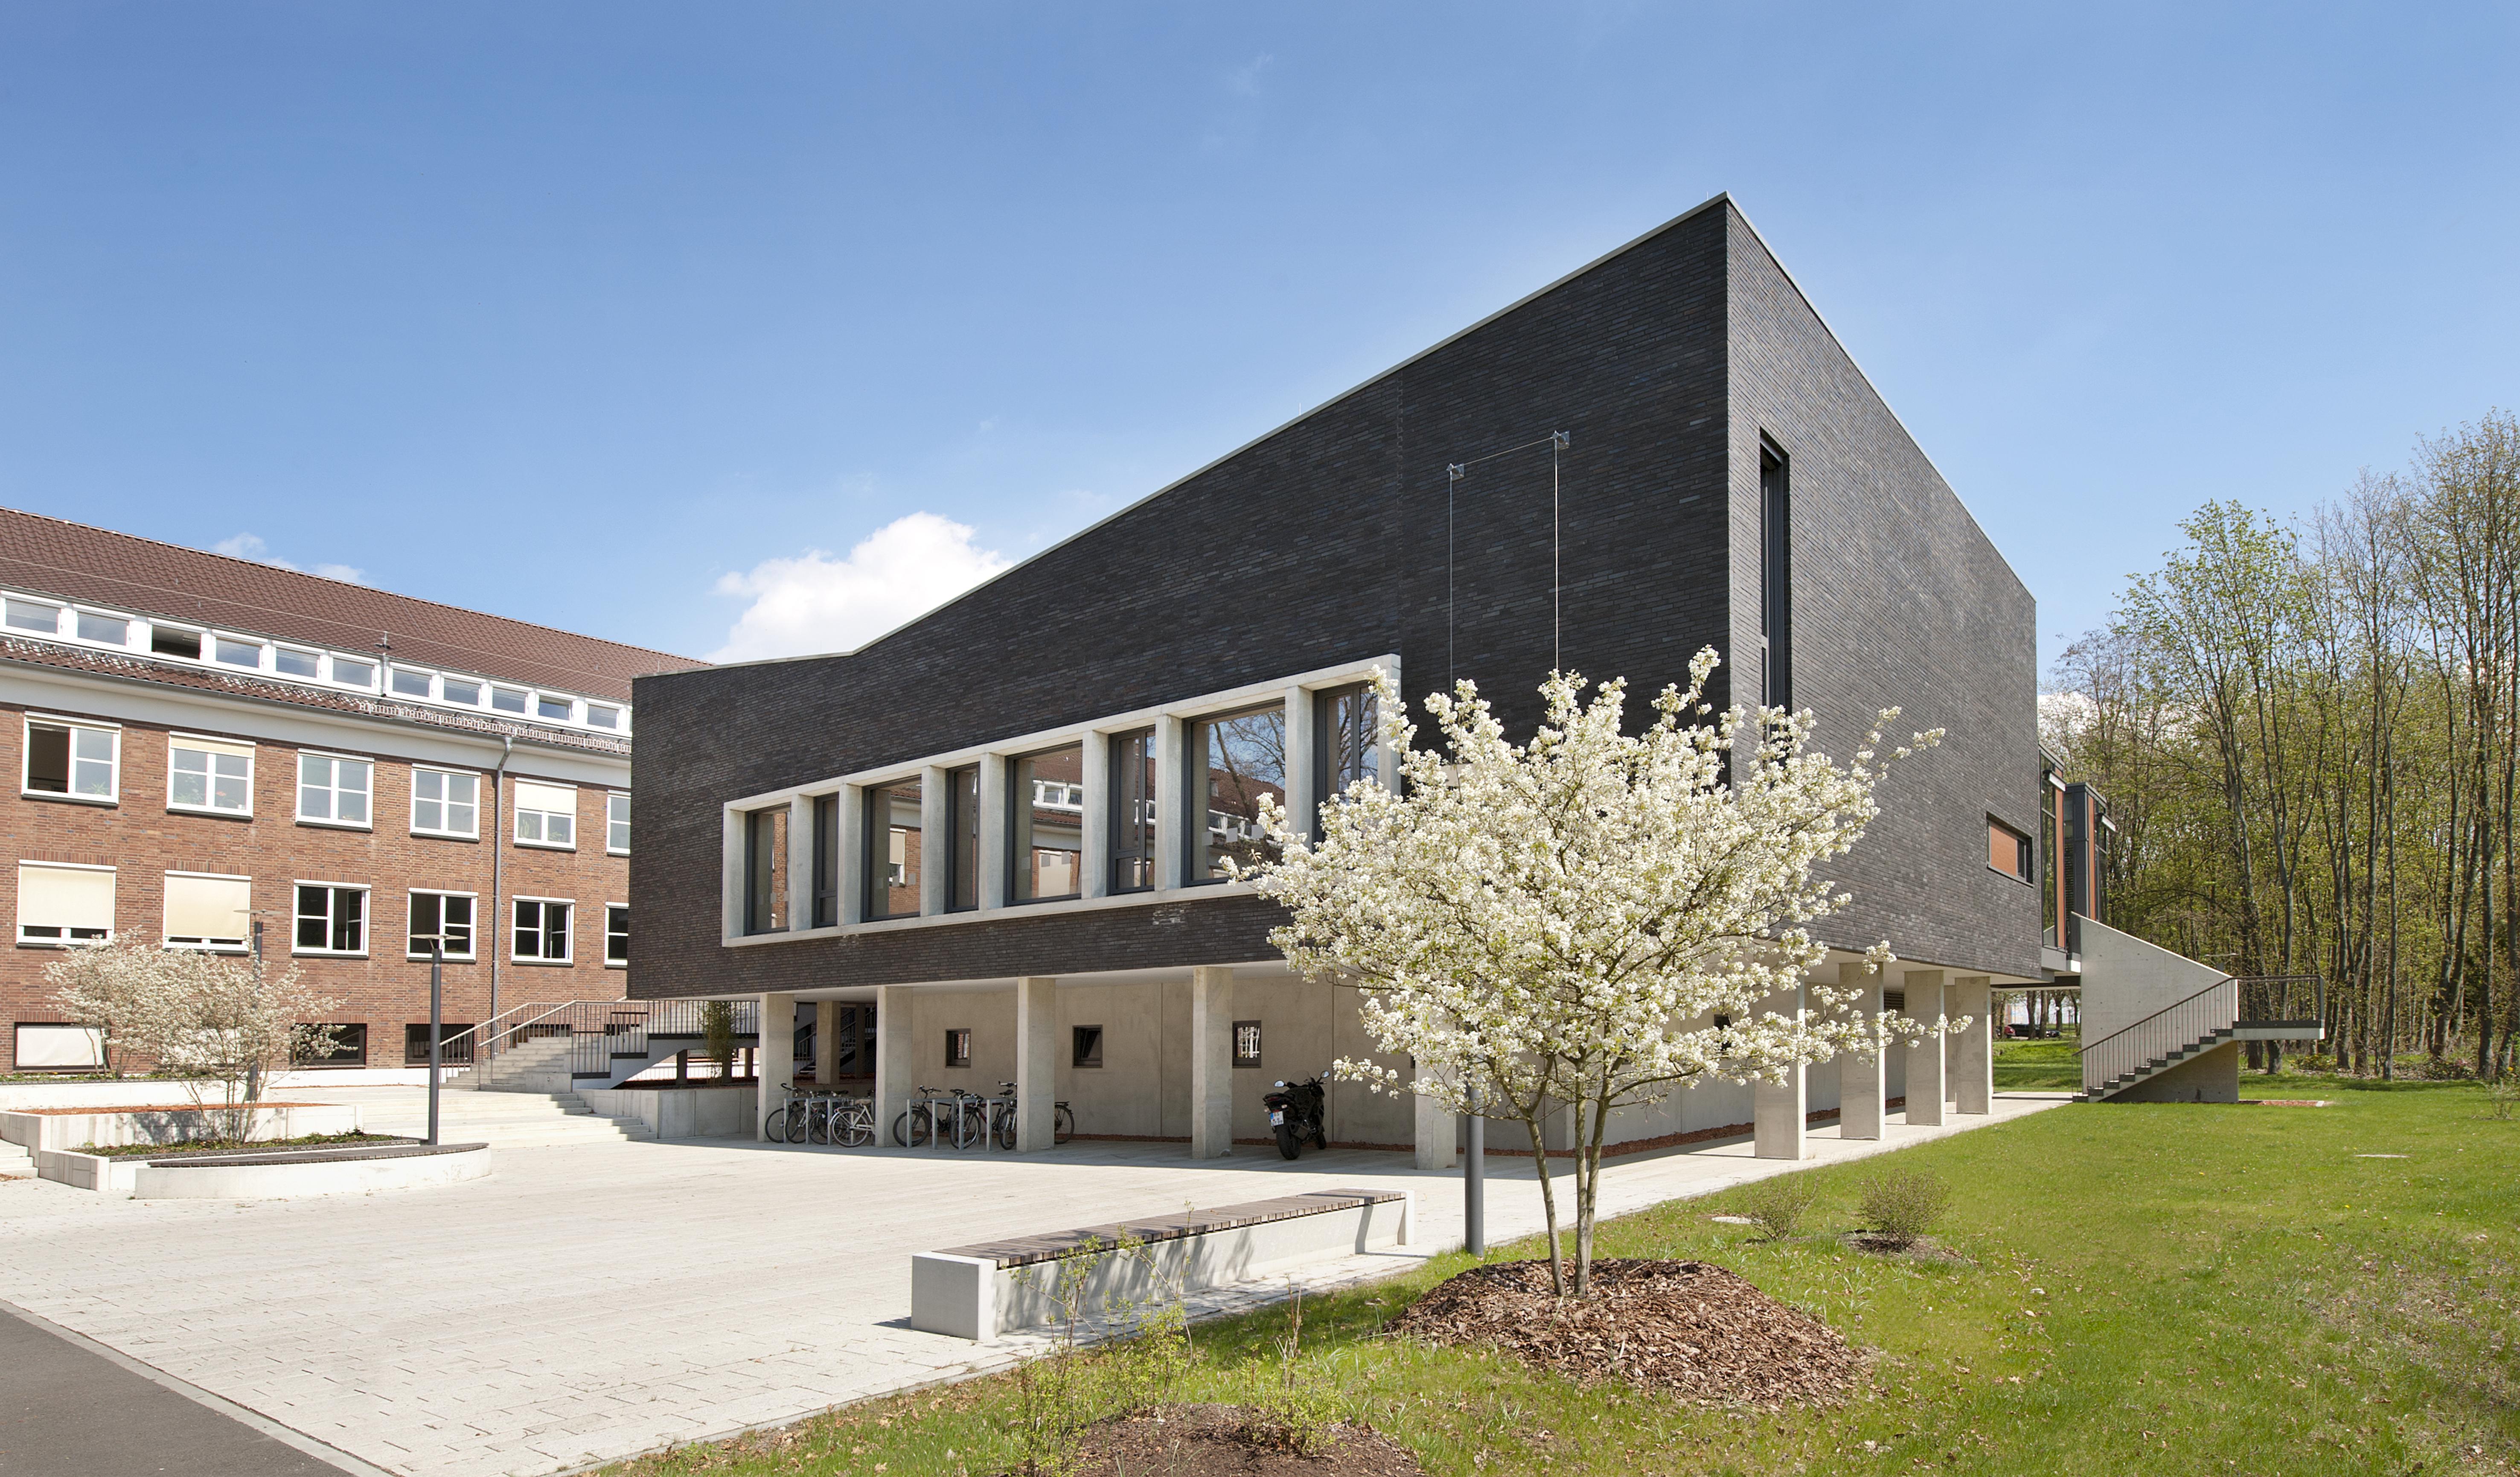 PTB Seminar Center